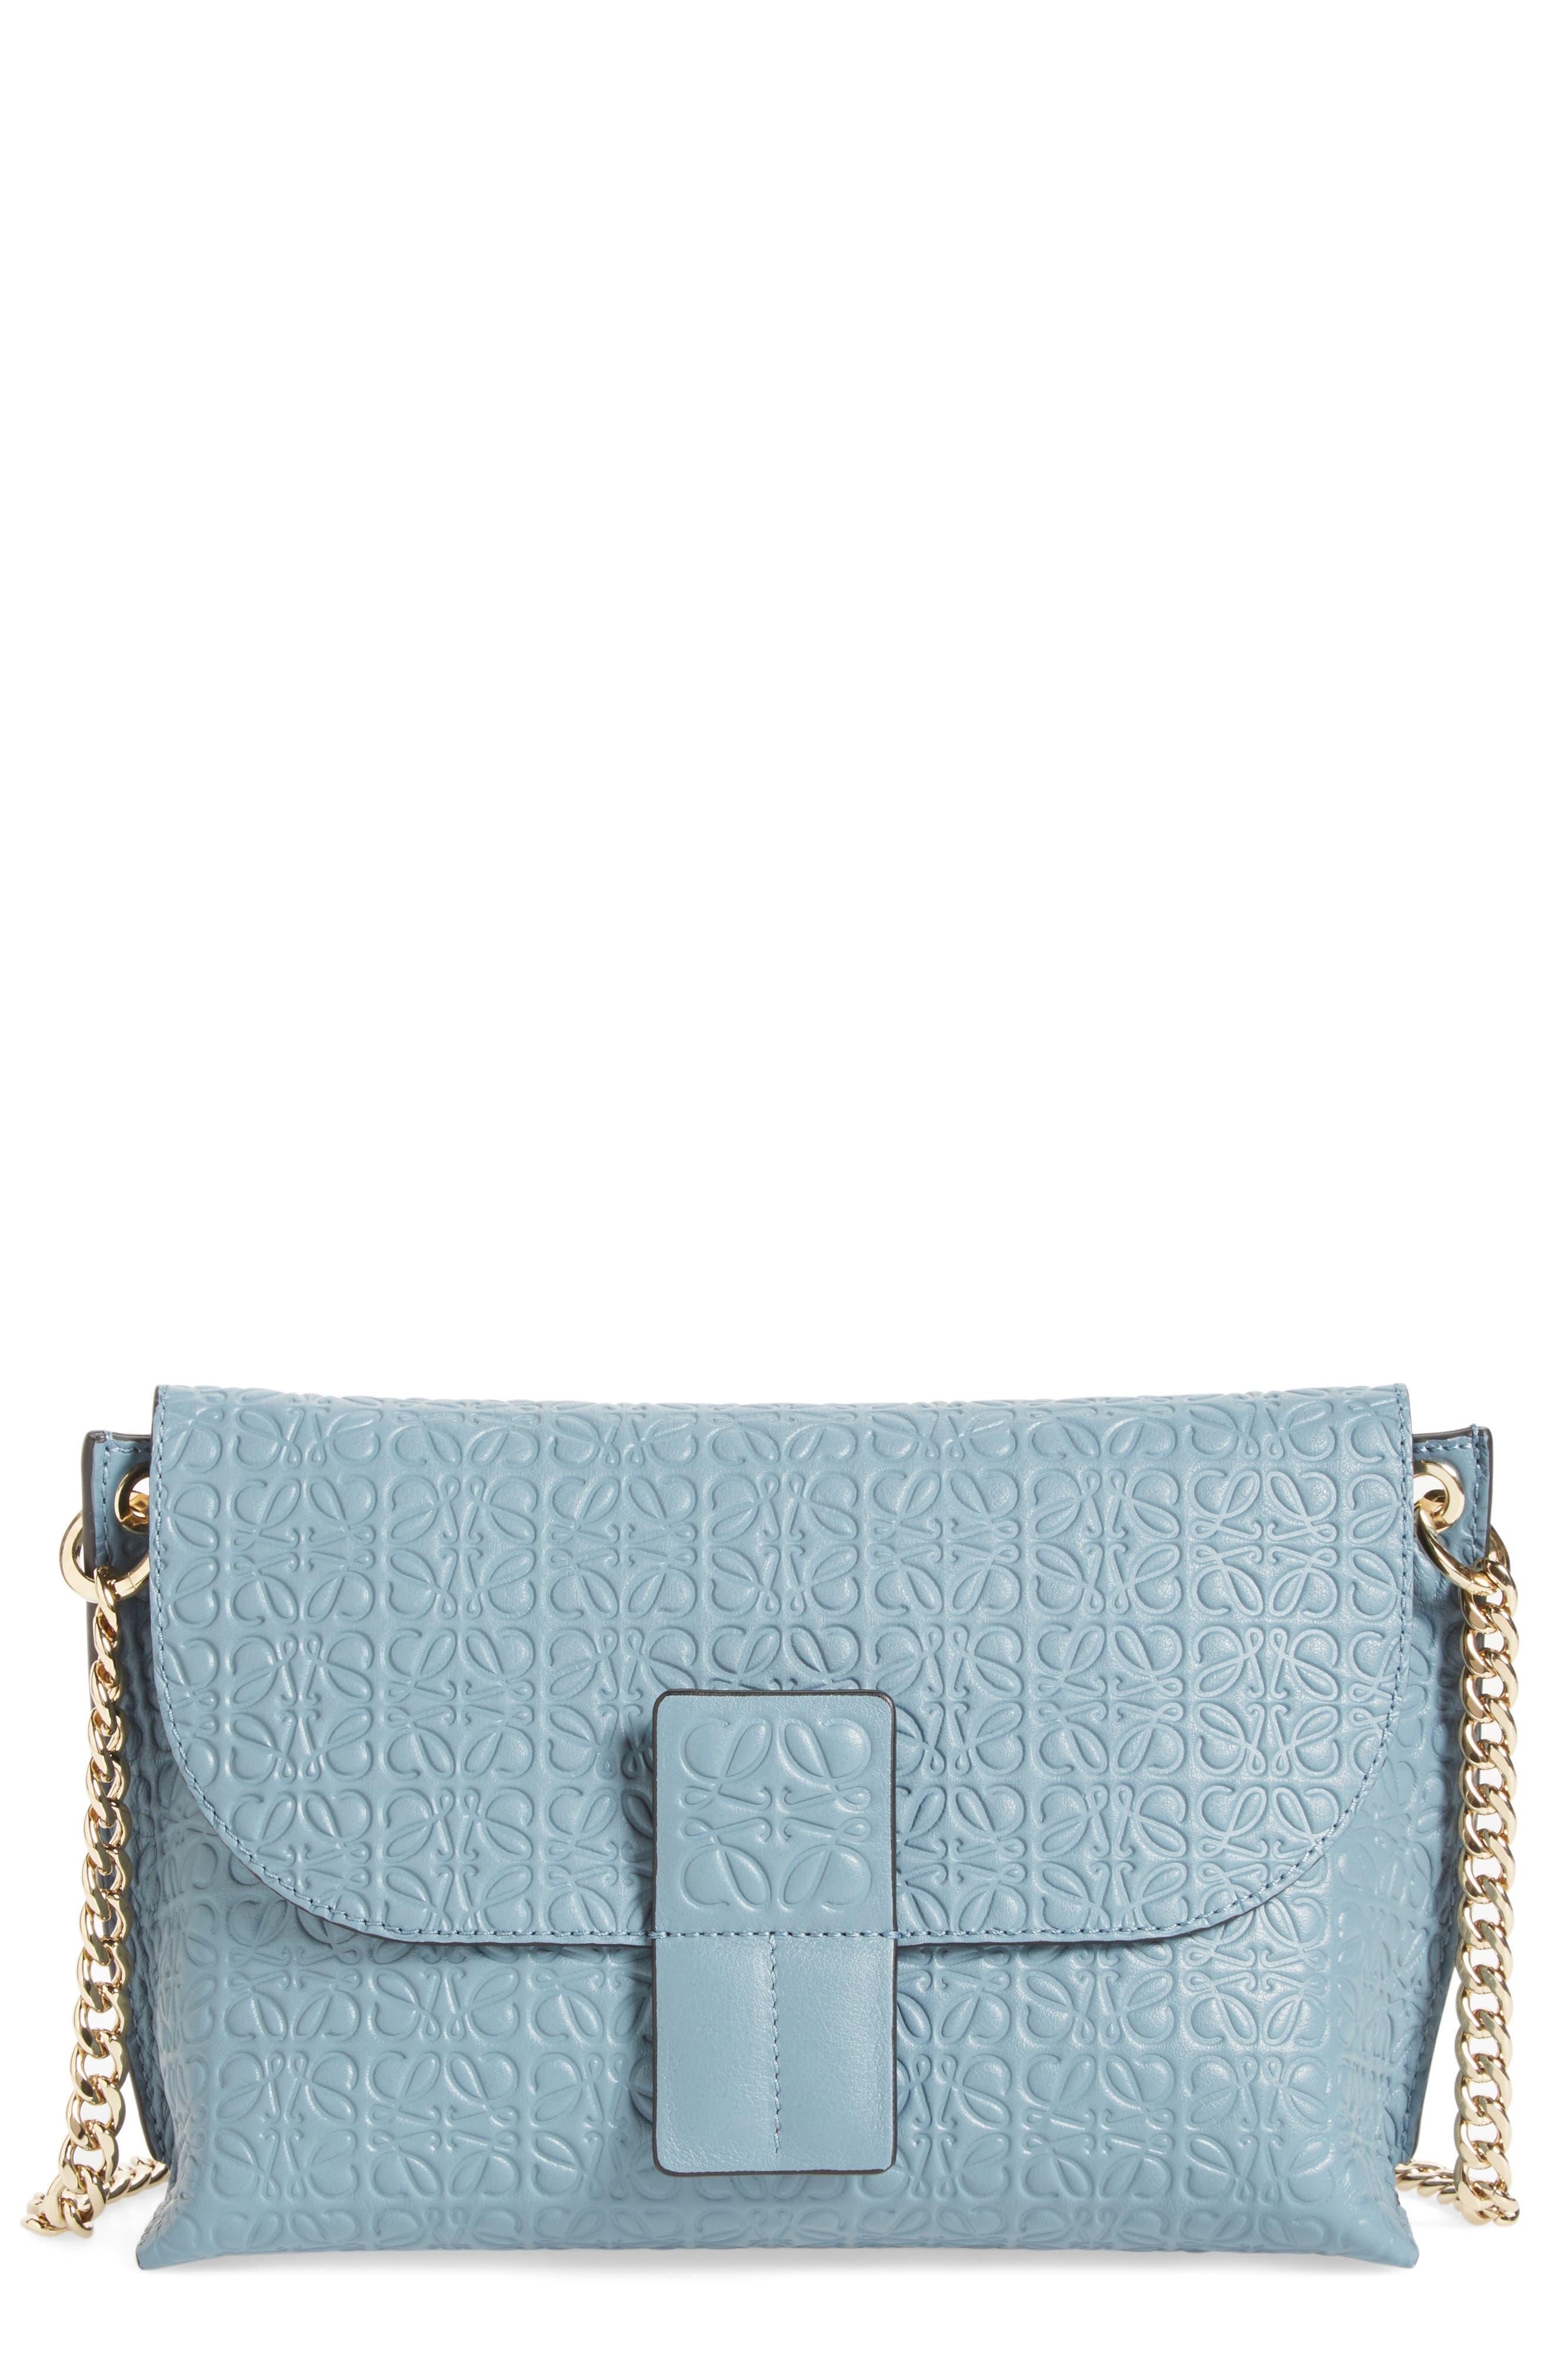 Loewe 'Avenue' Embossed Calfskin Leather Crossbody Bag